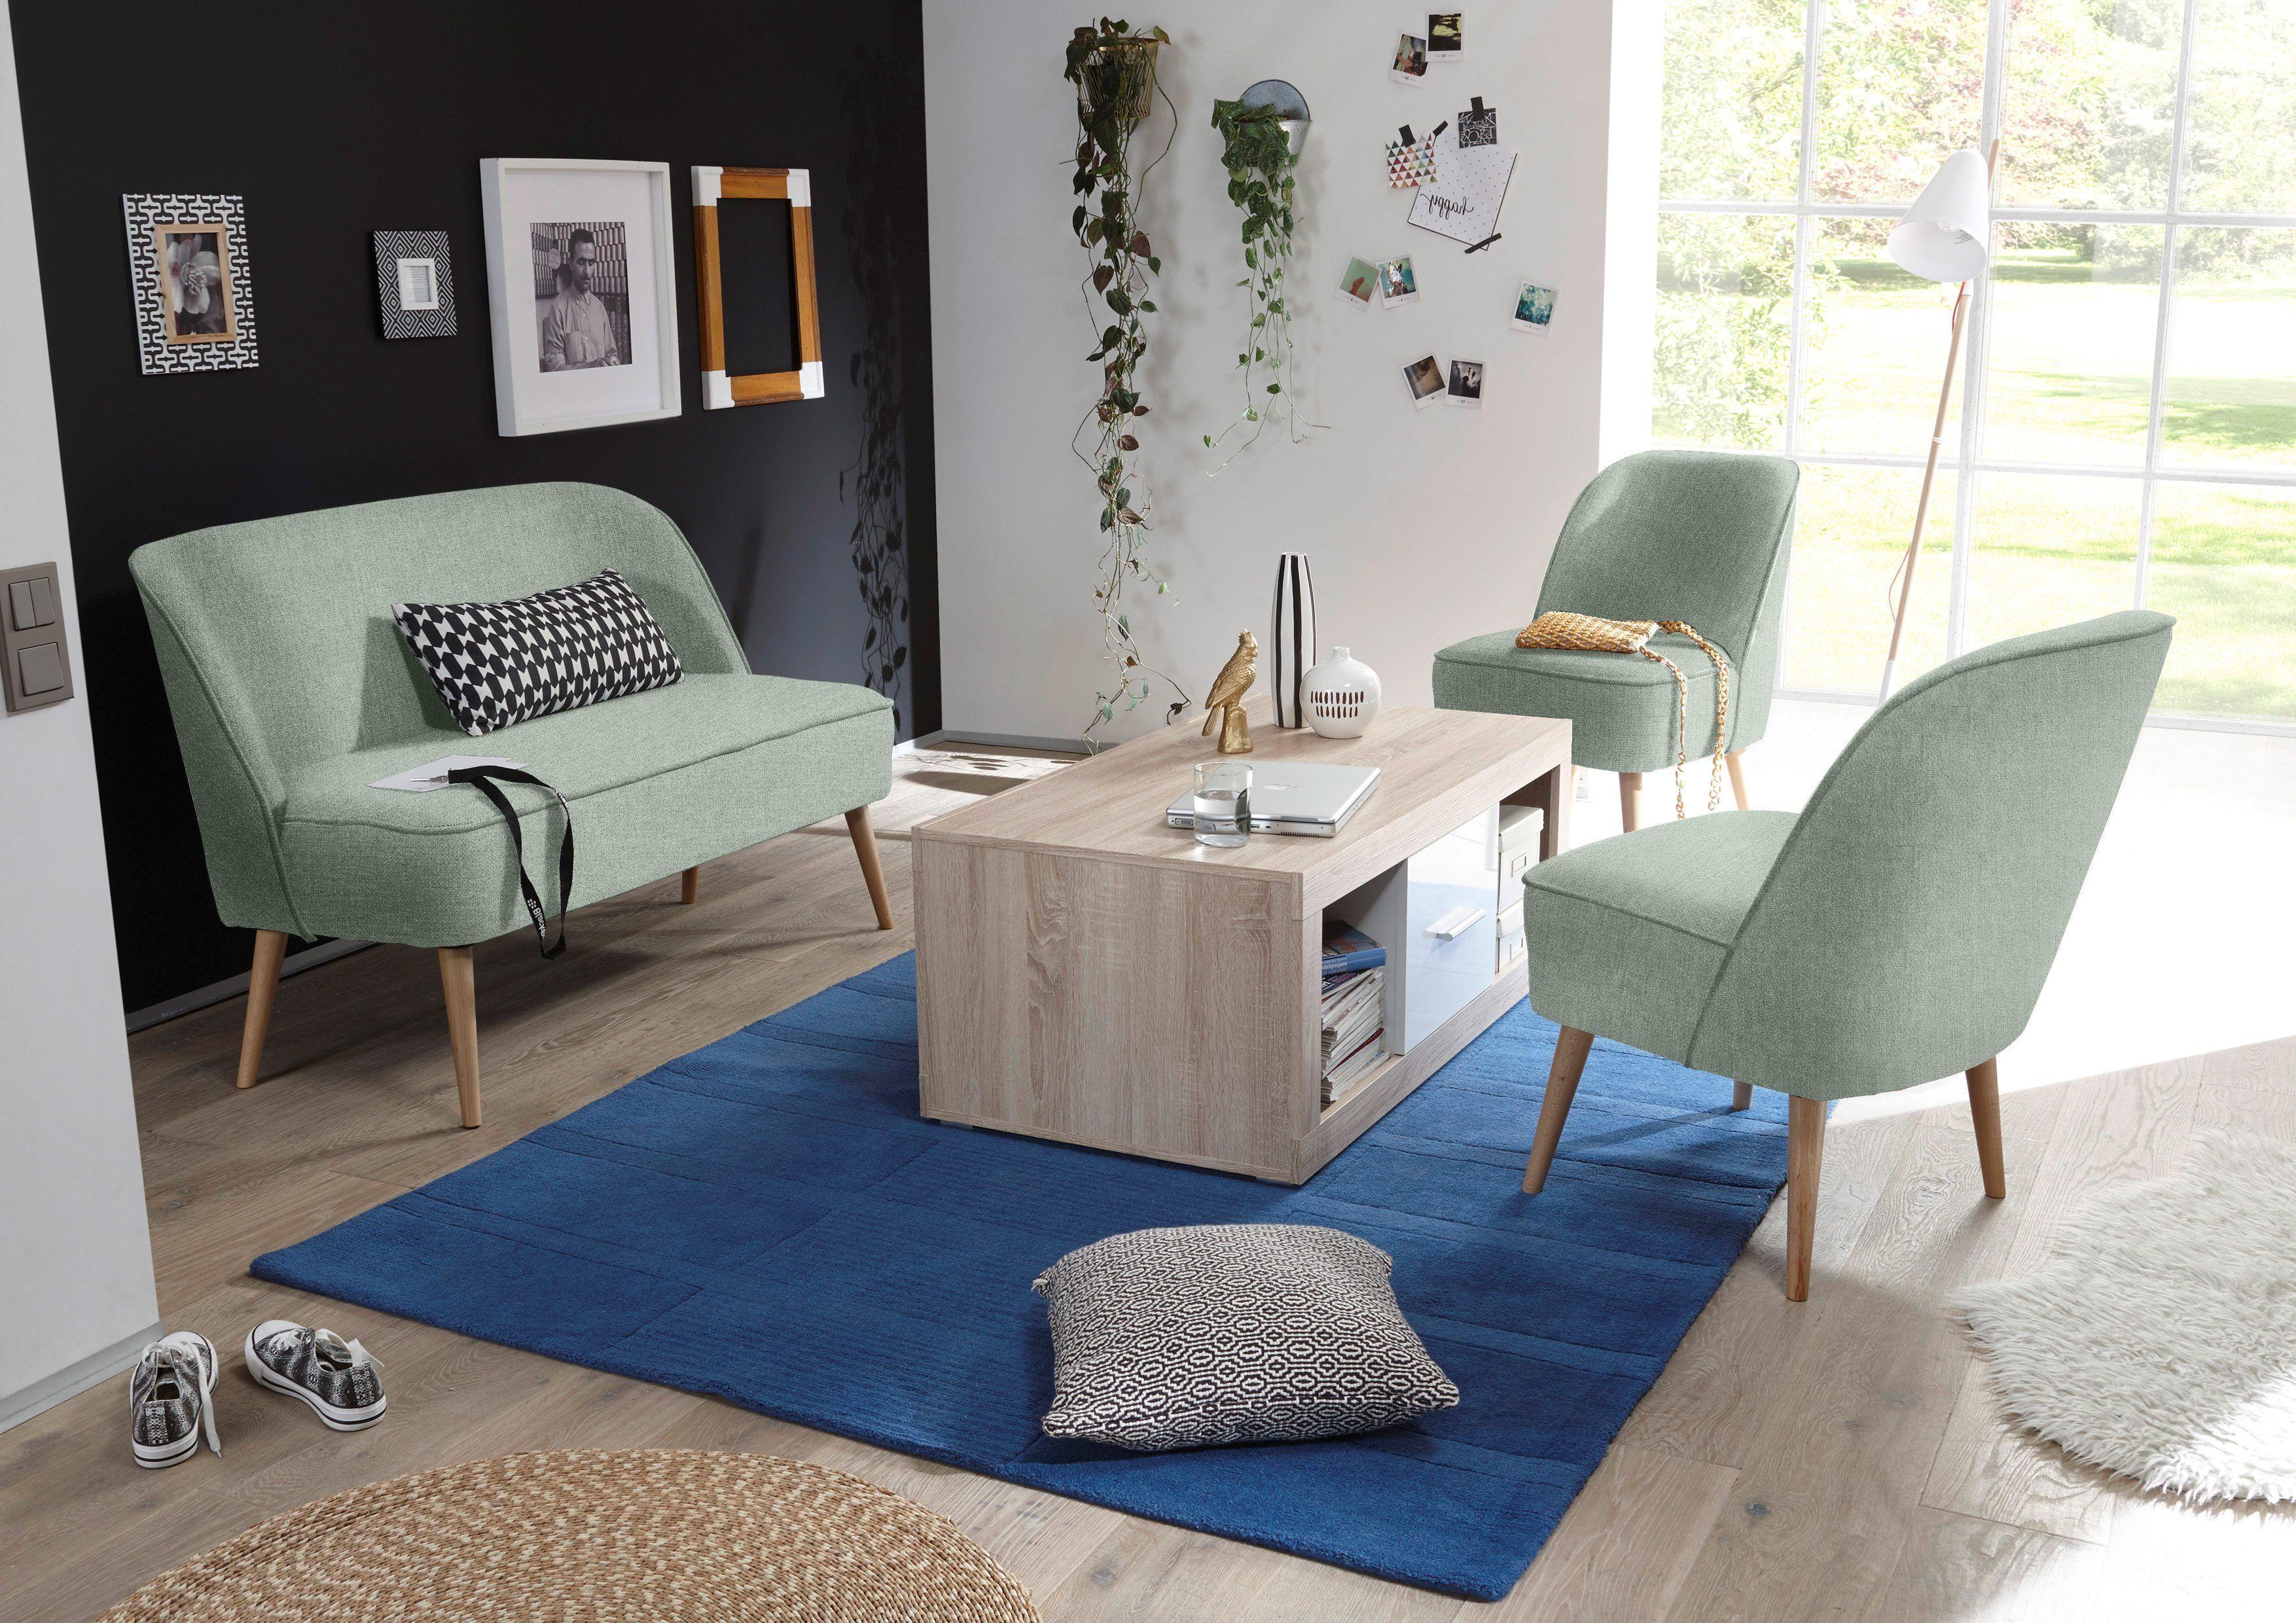 Achat Meubles Canape Lit Matelas Table Salon Et Bureau Achat Electromenager Tv Et Hi Fi Le Design Pas Cher Meuble Canape Canape Idees De Decor